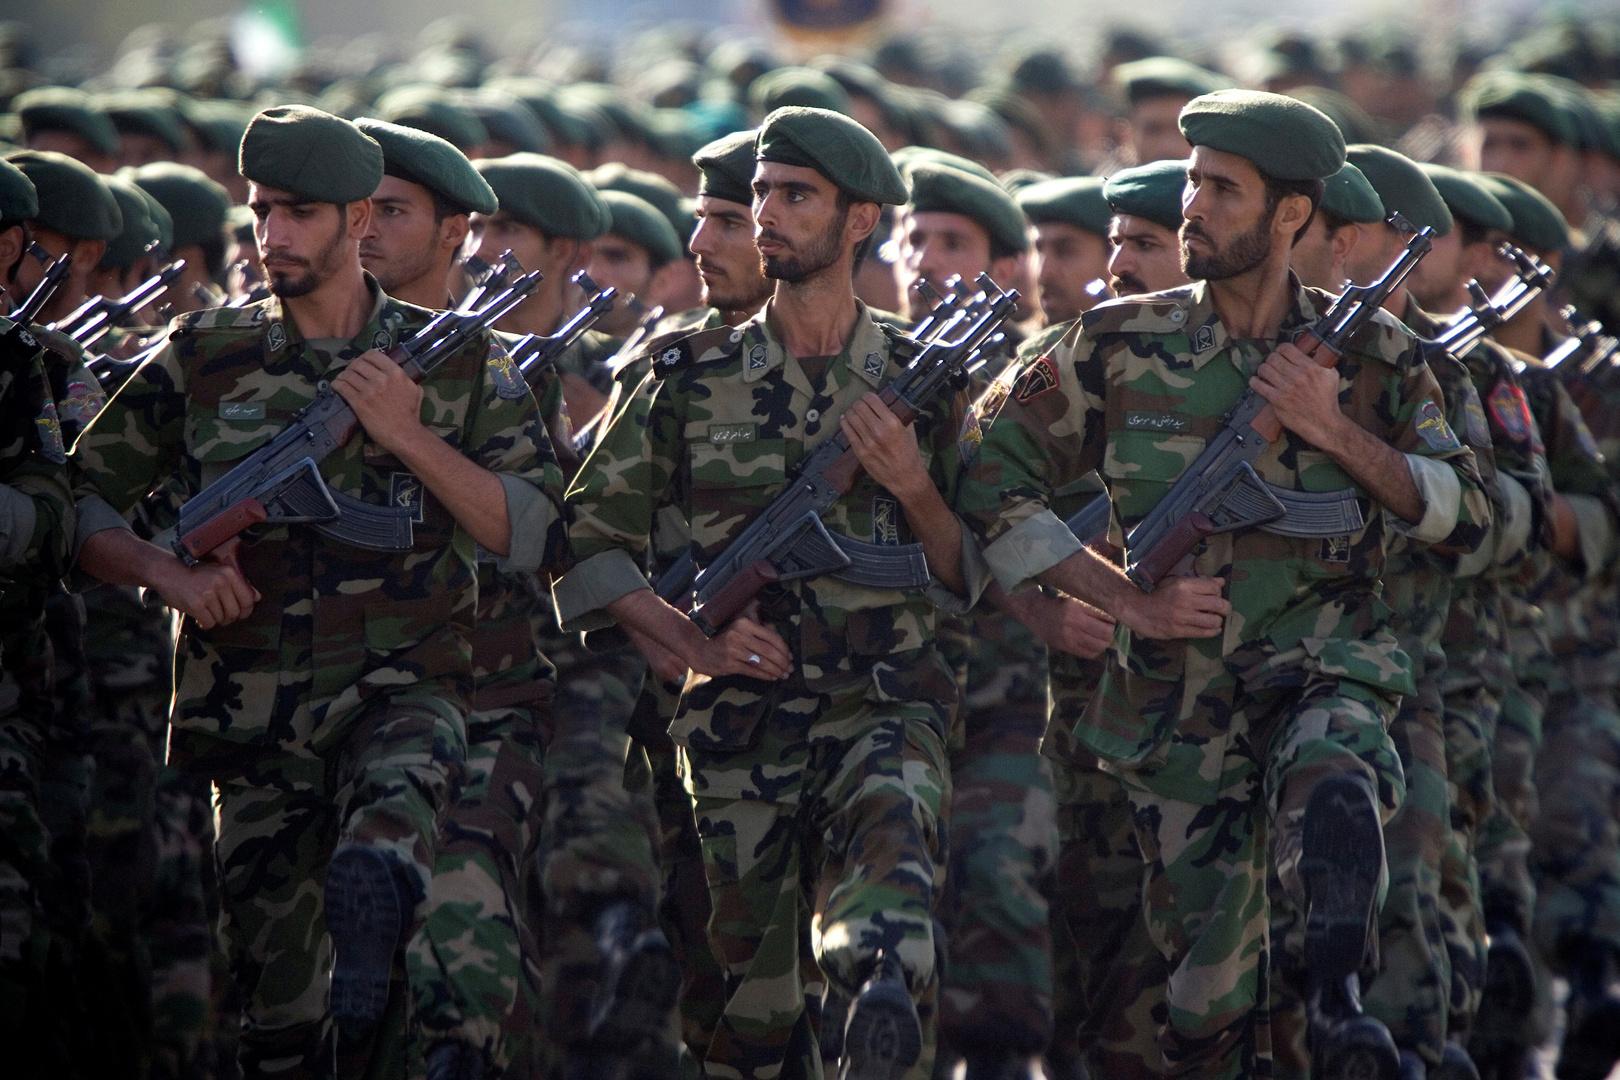 الحرس الثوري الإيراني: يجب اخراج  الجماعات الإرهابية من شمال العراق وسنتعامل معها إذا تحركت